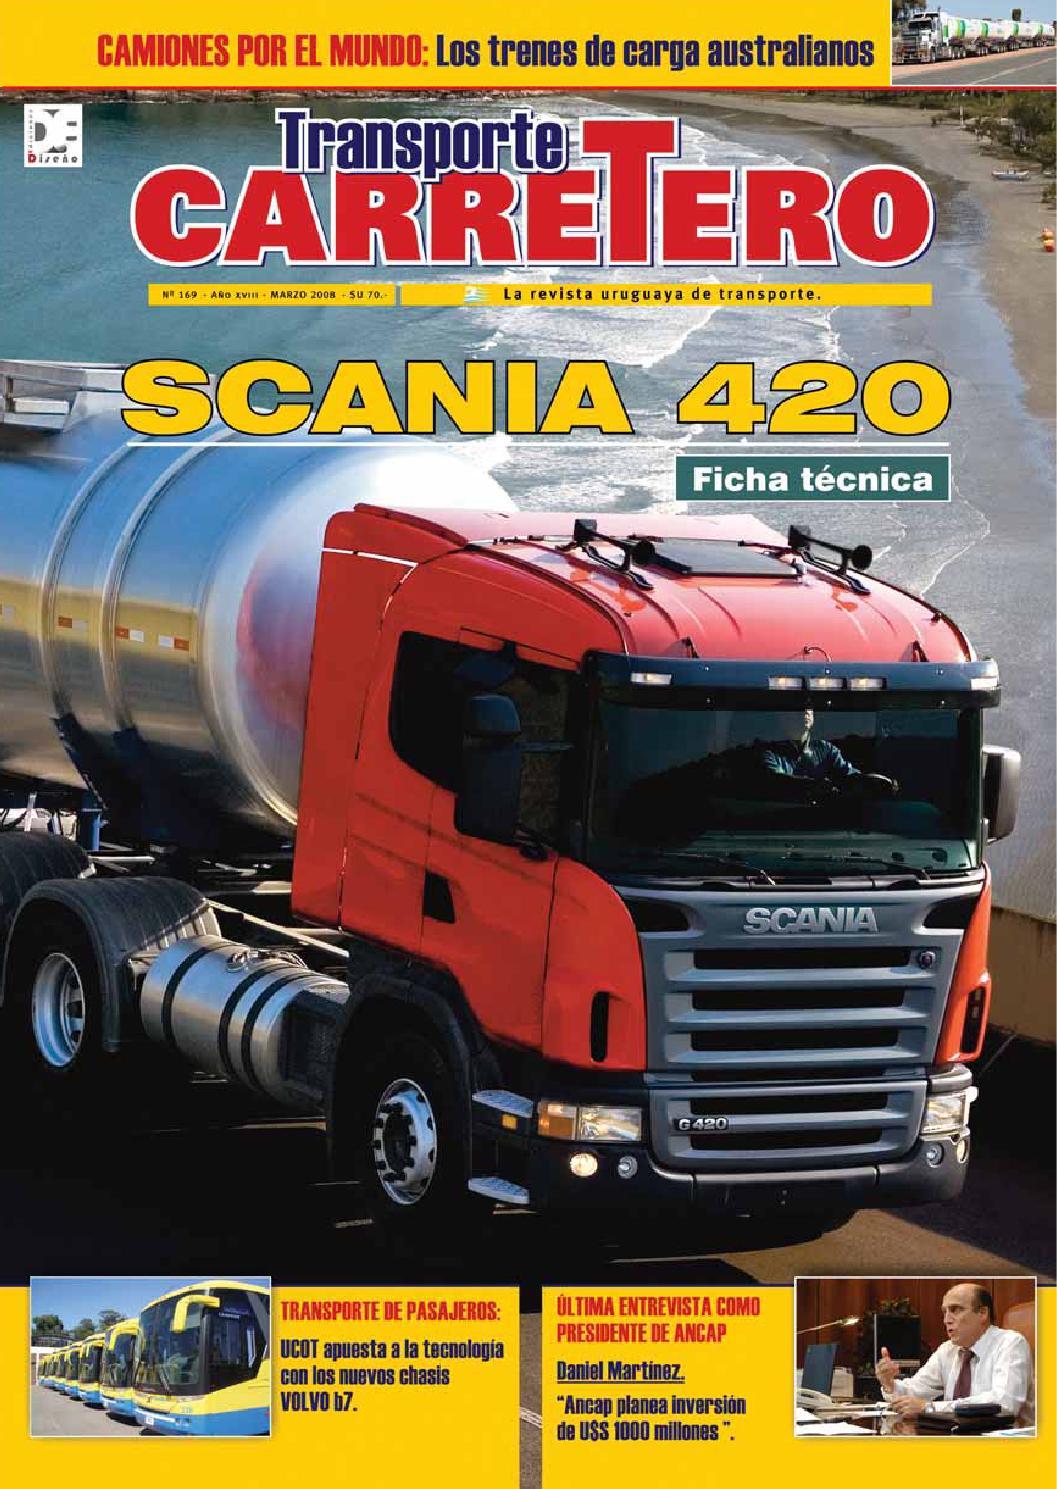 Transporte Carretero Nº 169 - marzo 2008 by Diseño Producciones - issuu